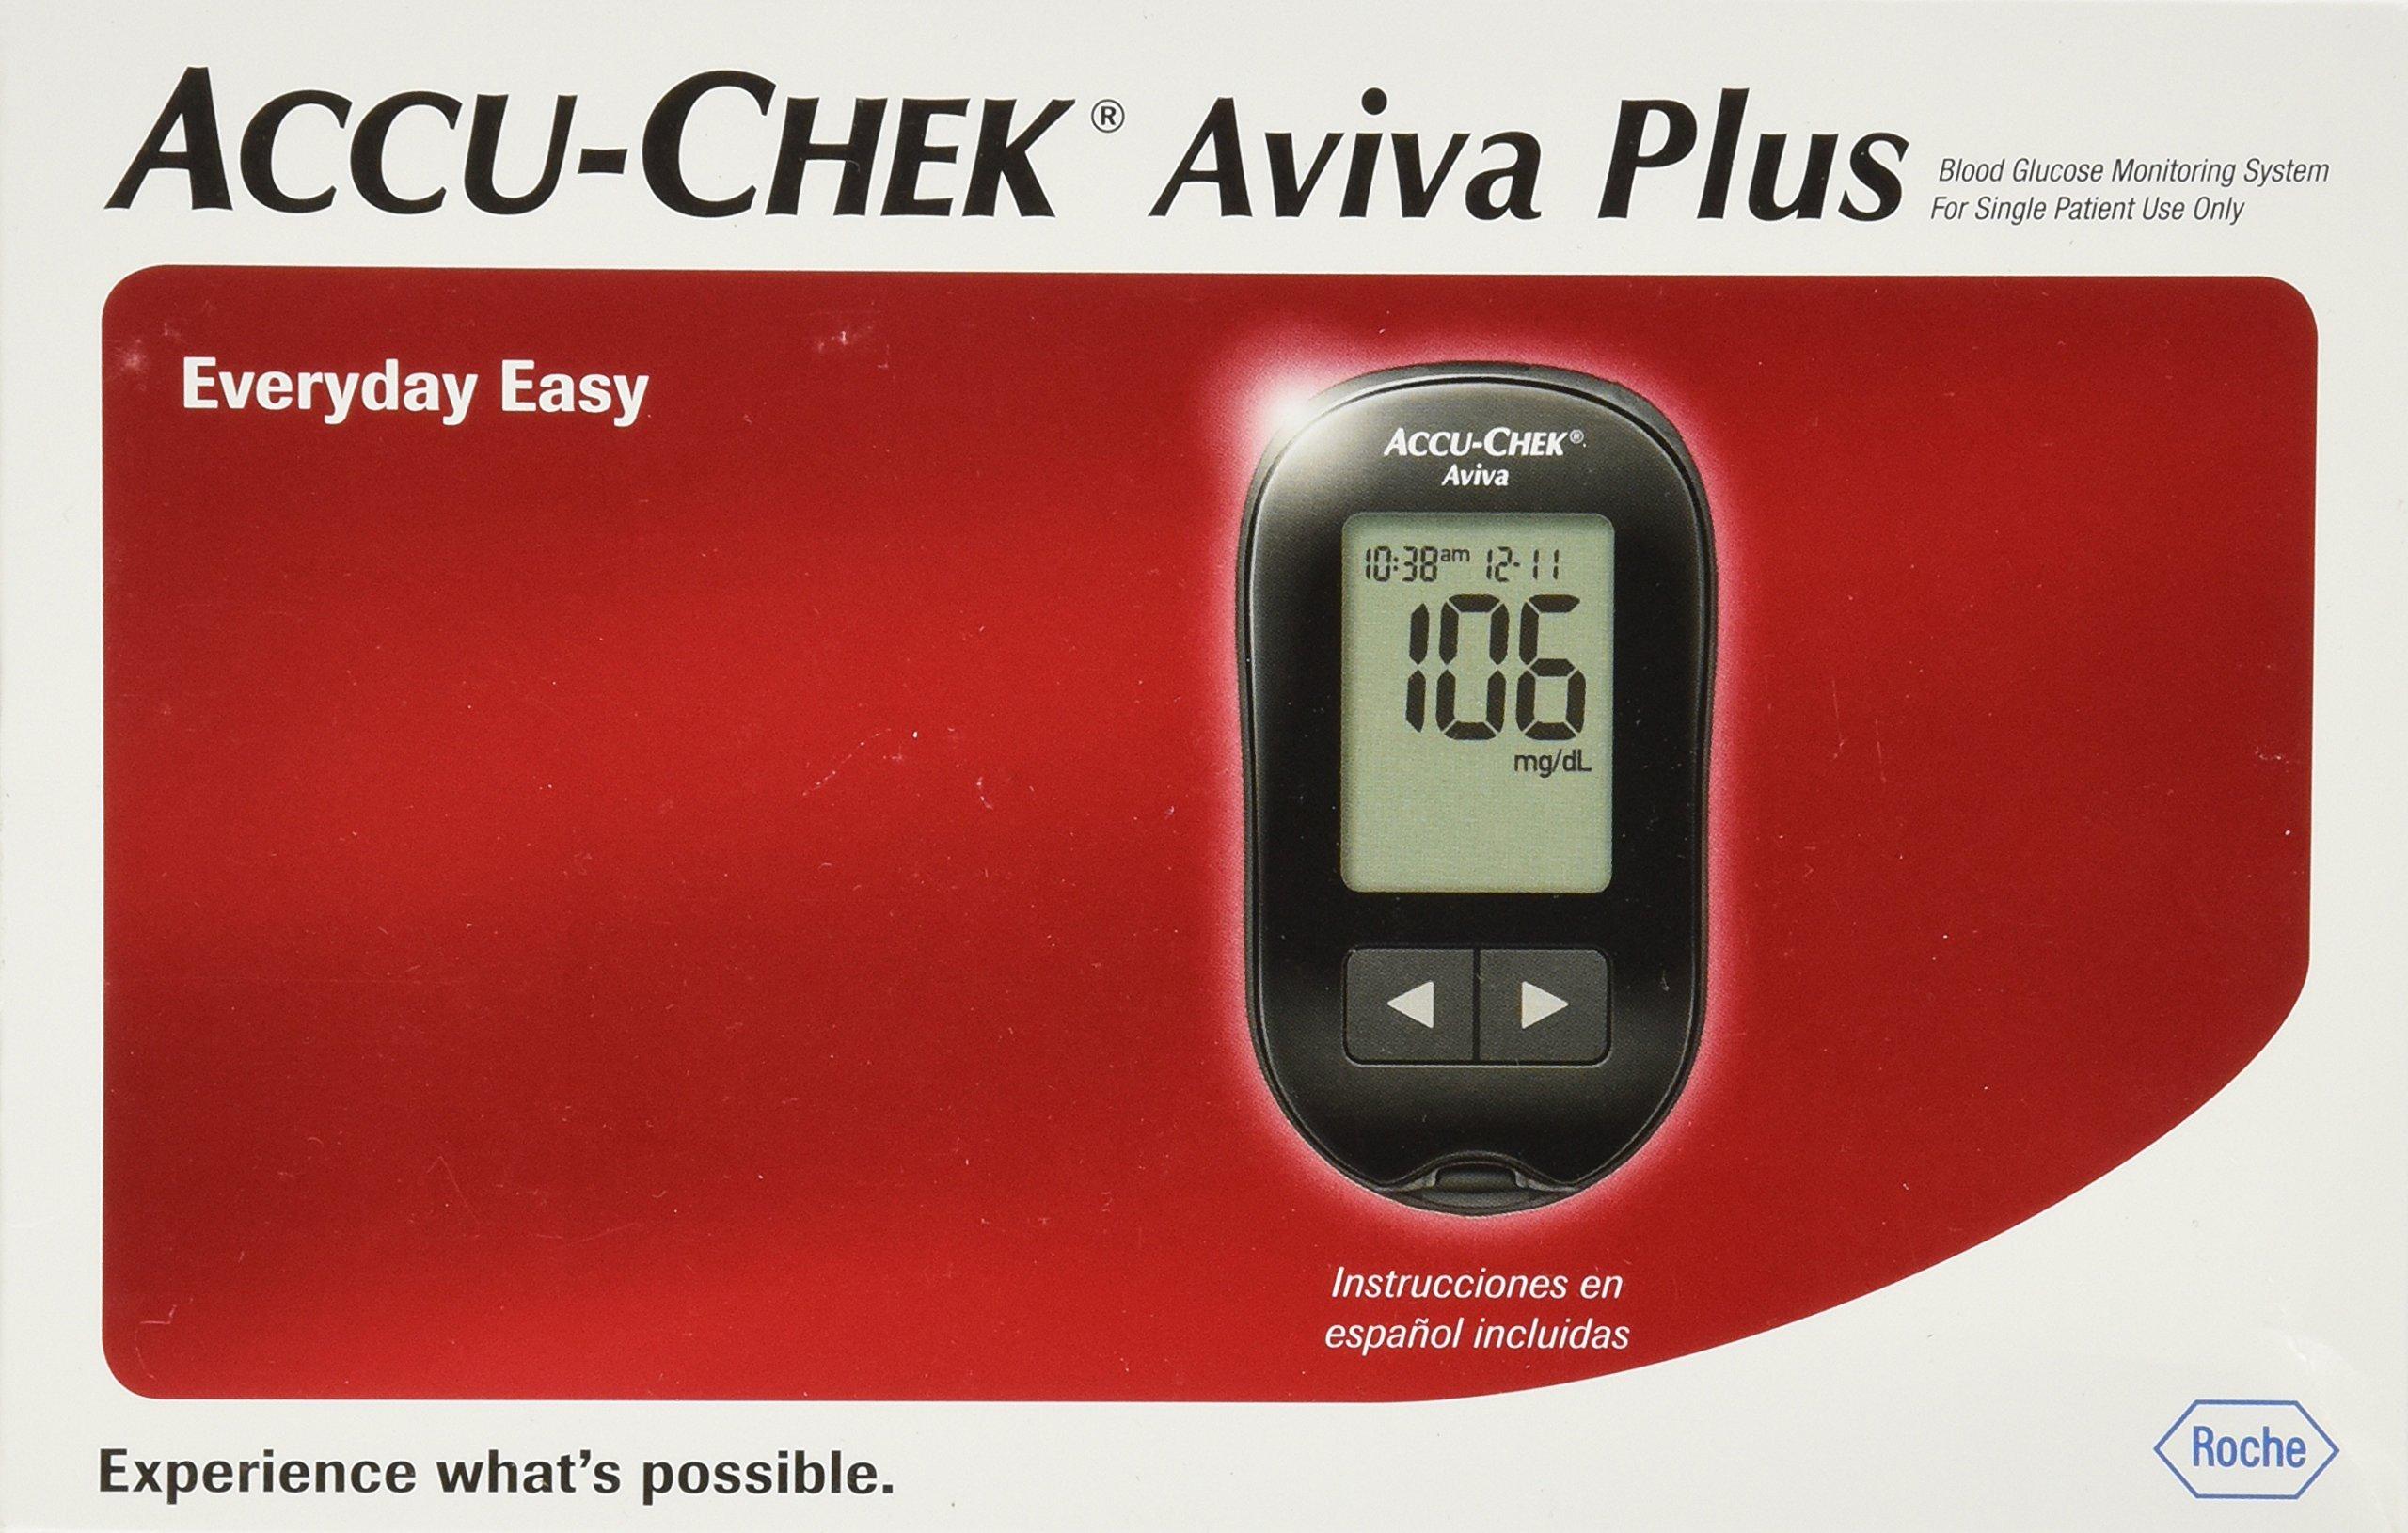 ACCU-CHEK Aviva Blood Glucose Meter by ACCU-CHEK